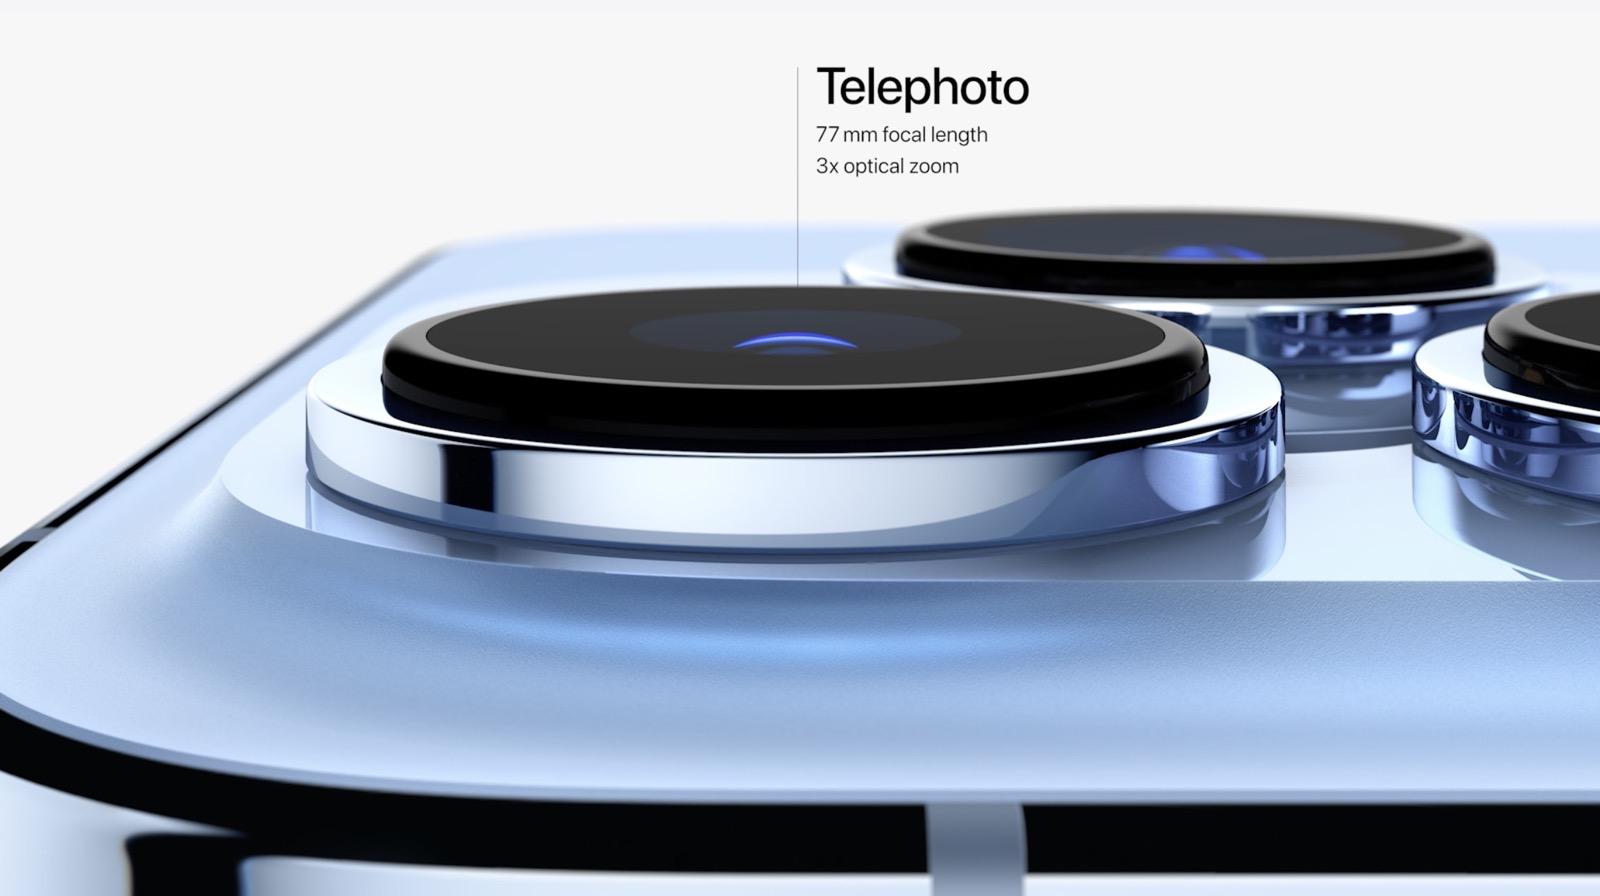 iPhone 13 Proの望遠レンズ仕様